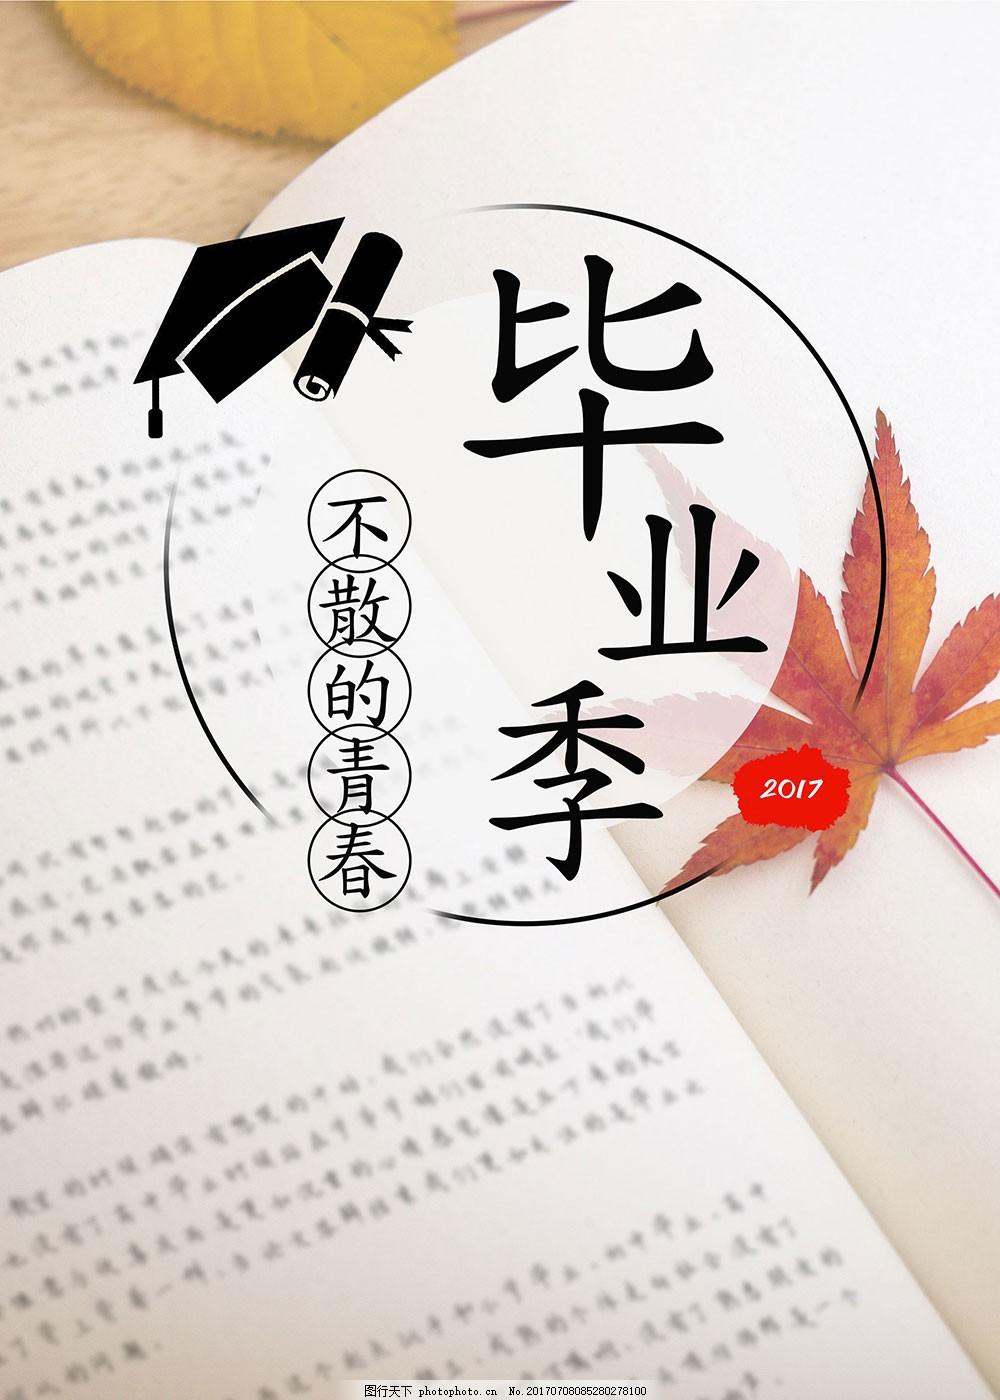 毕业季青春海报 博士帽 印章 印泥 书 枫叶 毕业海报 桌上的书